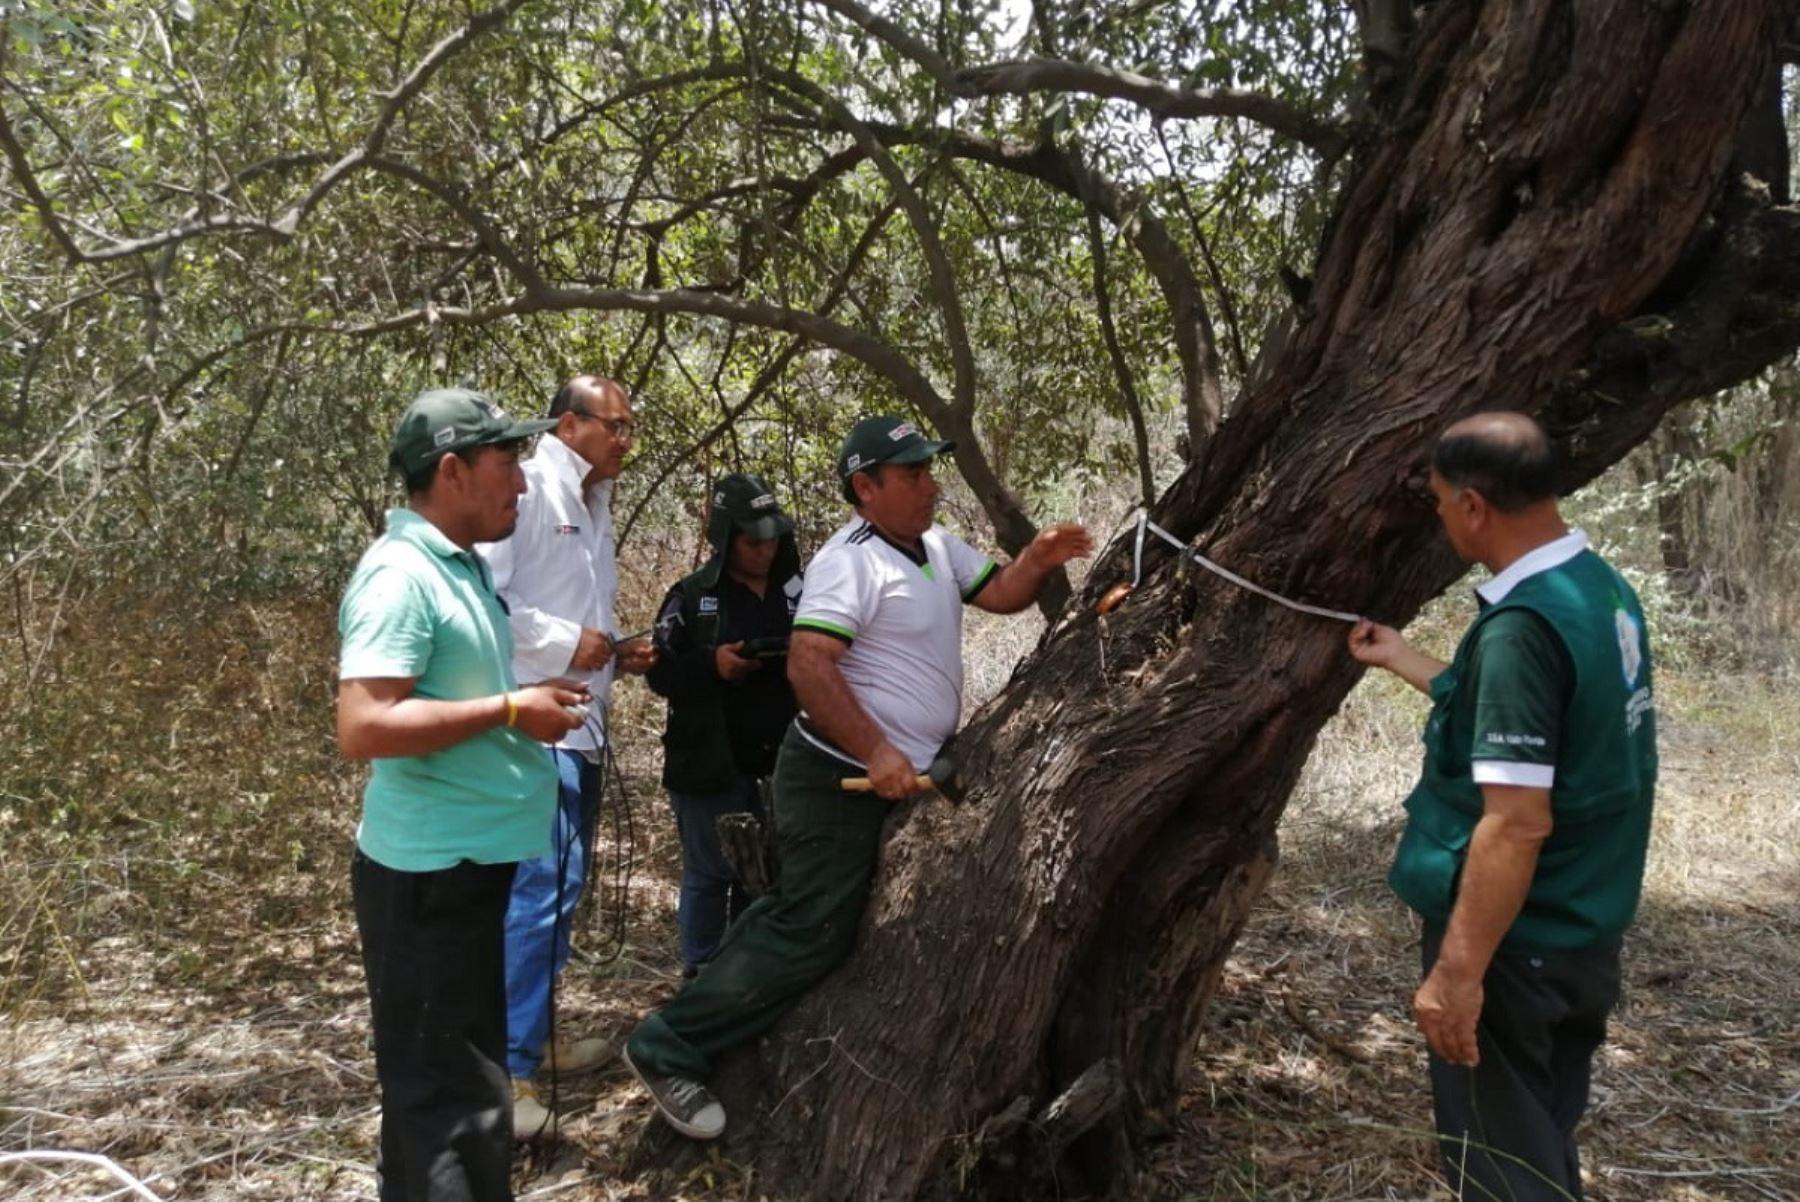 El Ministerio de Agricultura y Riego (Minagri) implementará la primera colección nacional de germoplasma de la especie forestal del algarrobo en la región de Lambayeque, con la finalidad de valorar su diversidad genética y potenciar su conservación.